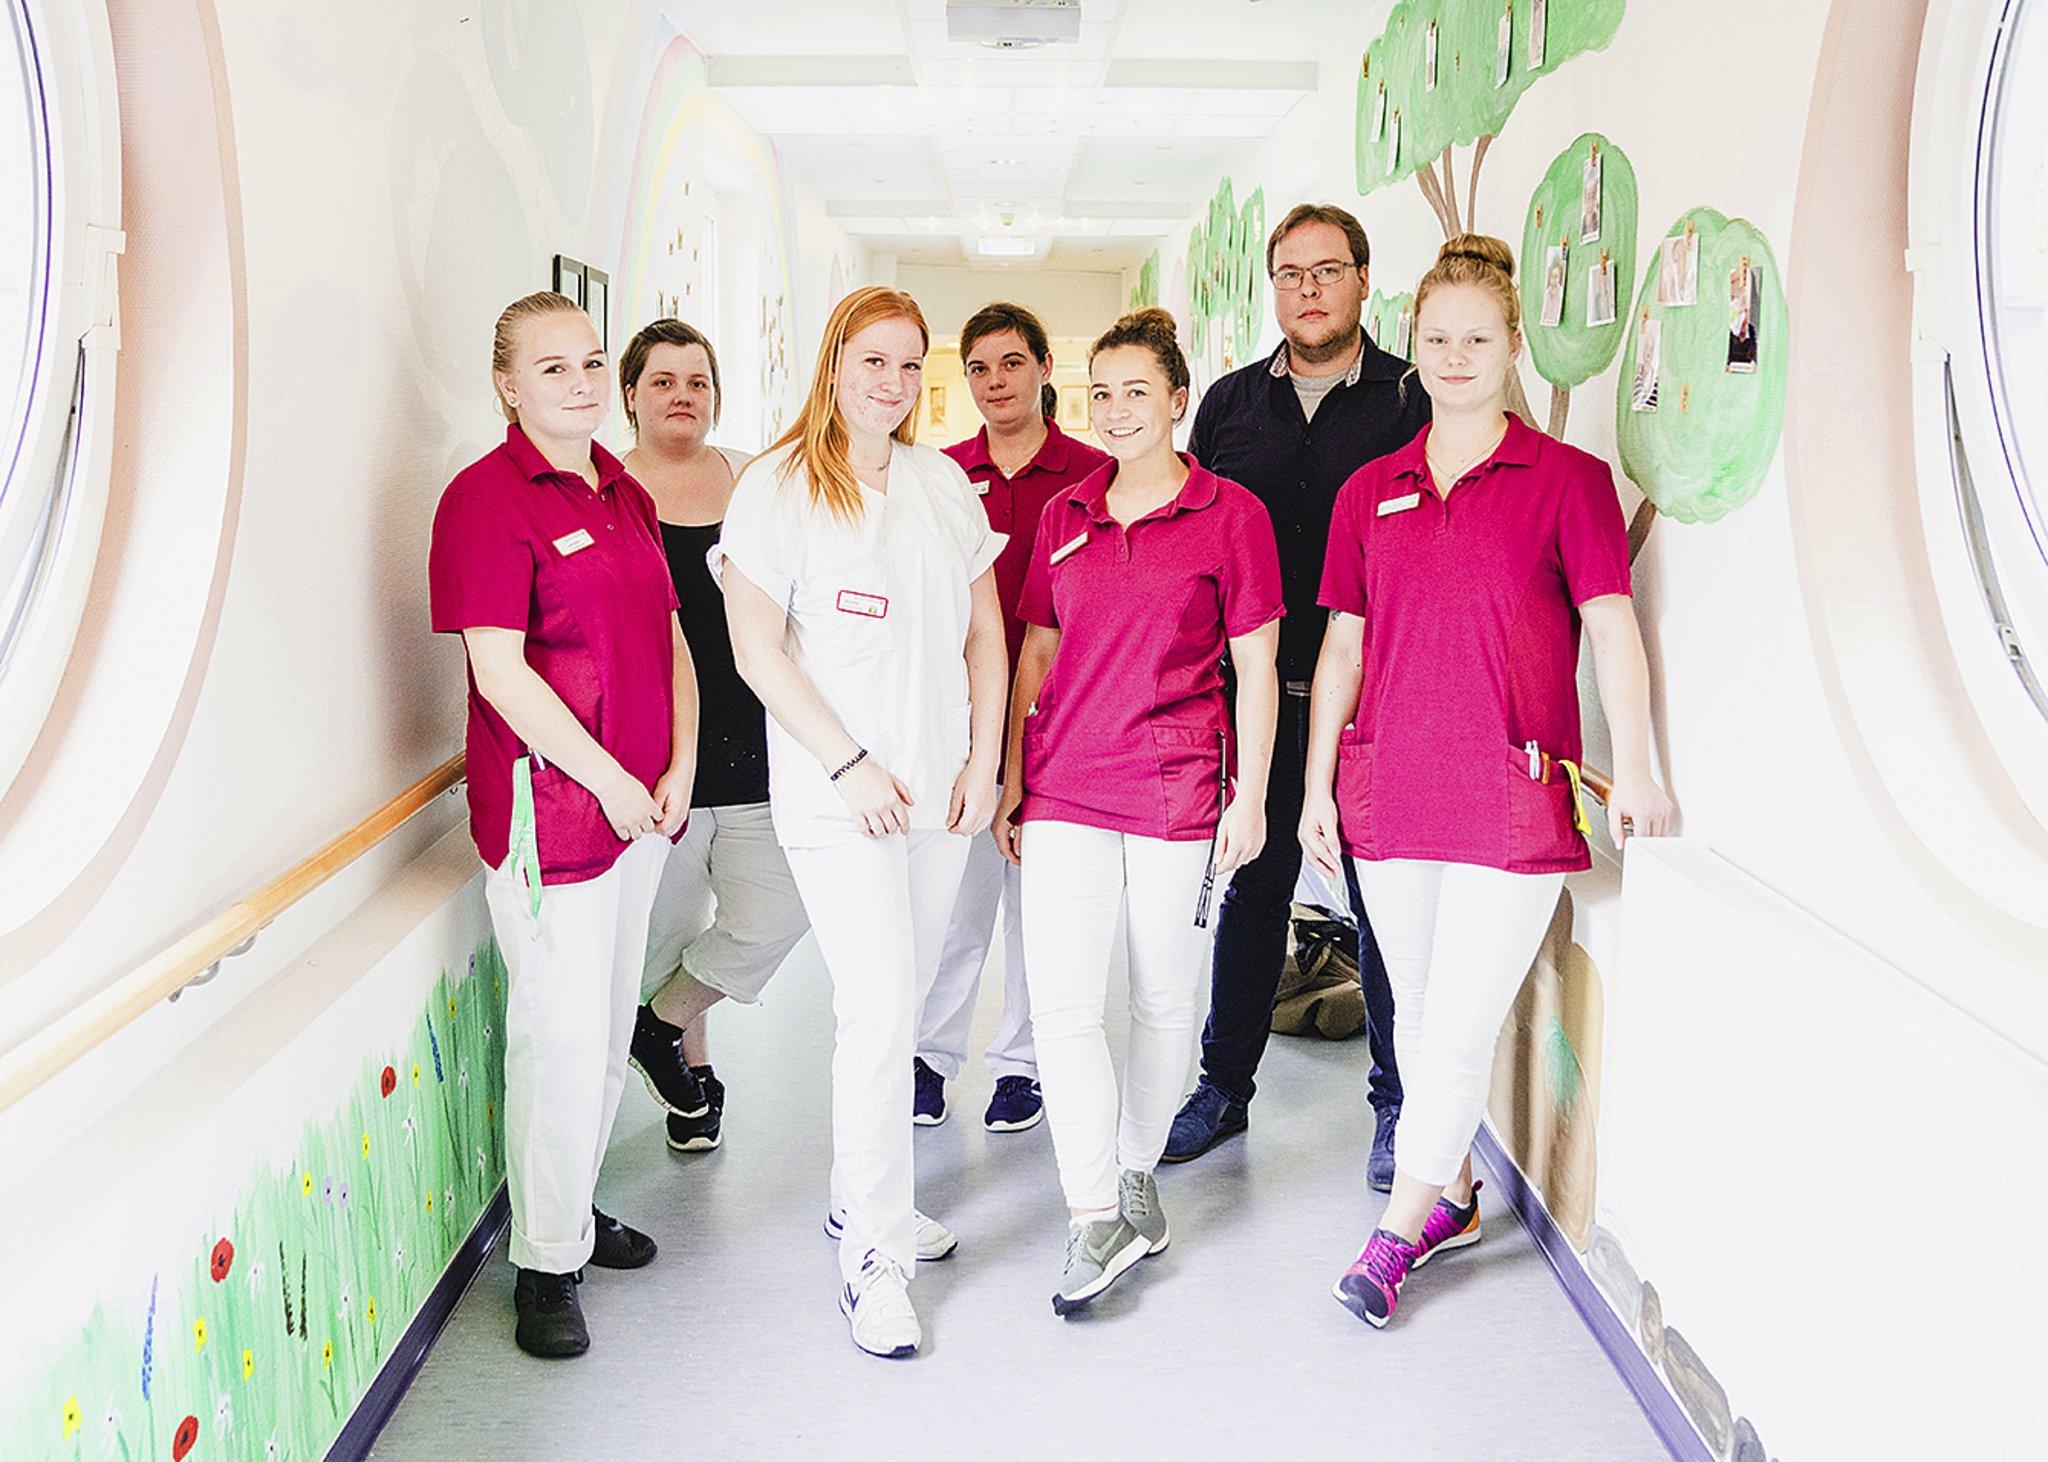 Zehn tolle Fachkräfte von morgen - Drochtersen - Kreiszeitung Wochenblatt